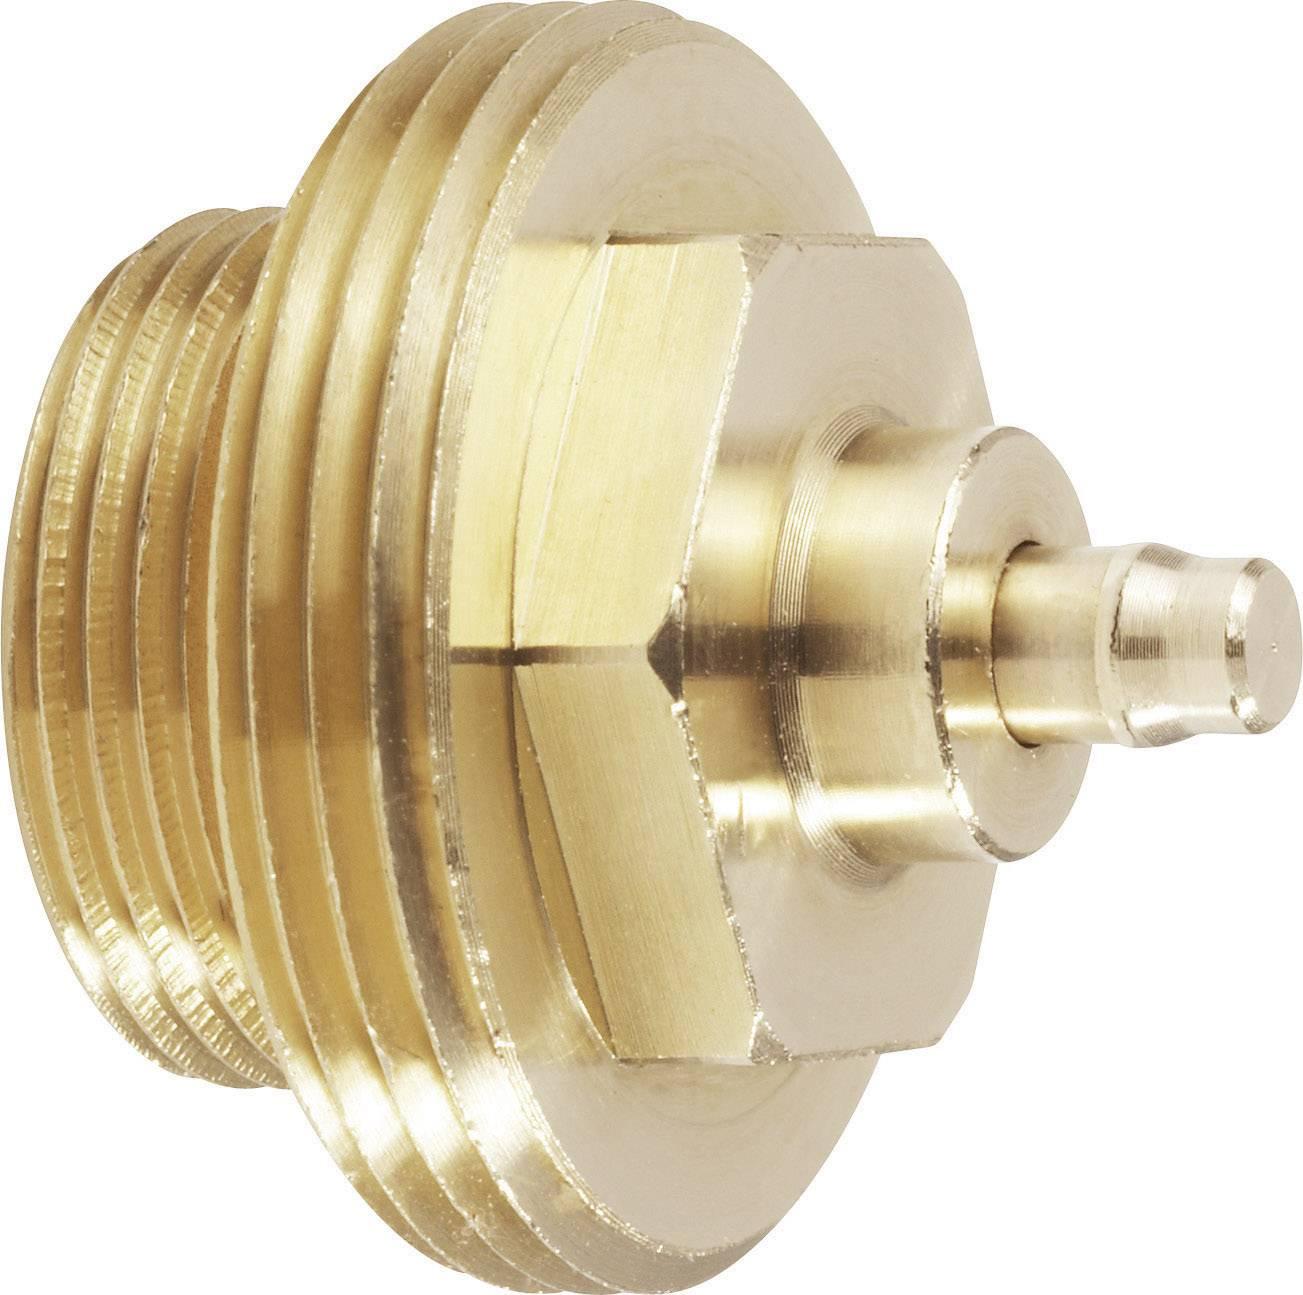 Mosadzný adaptér termostatu 700 100 012-2 vhodný pre Gamper, M20 do hĺbky viac ako 10 mm